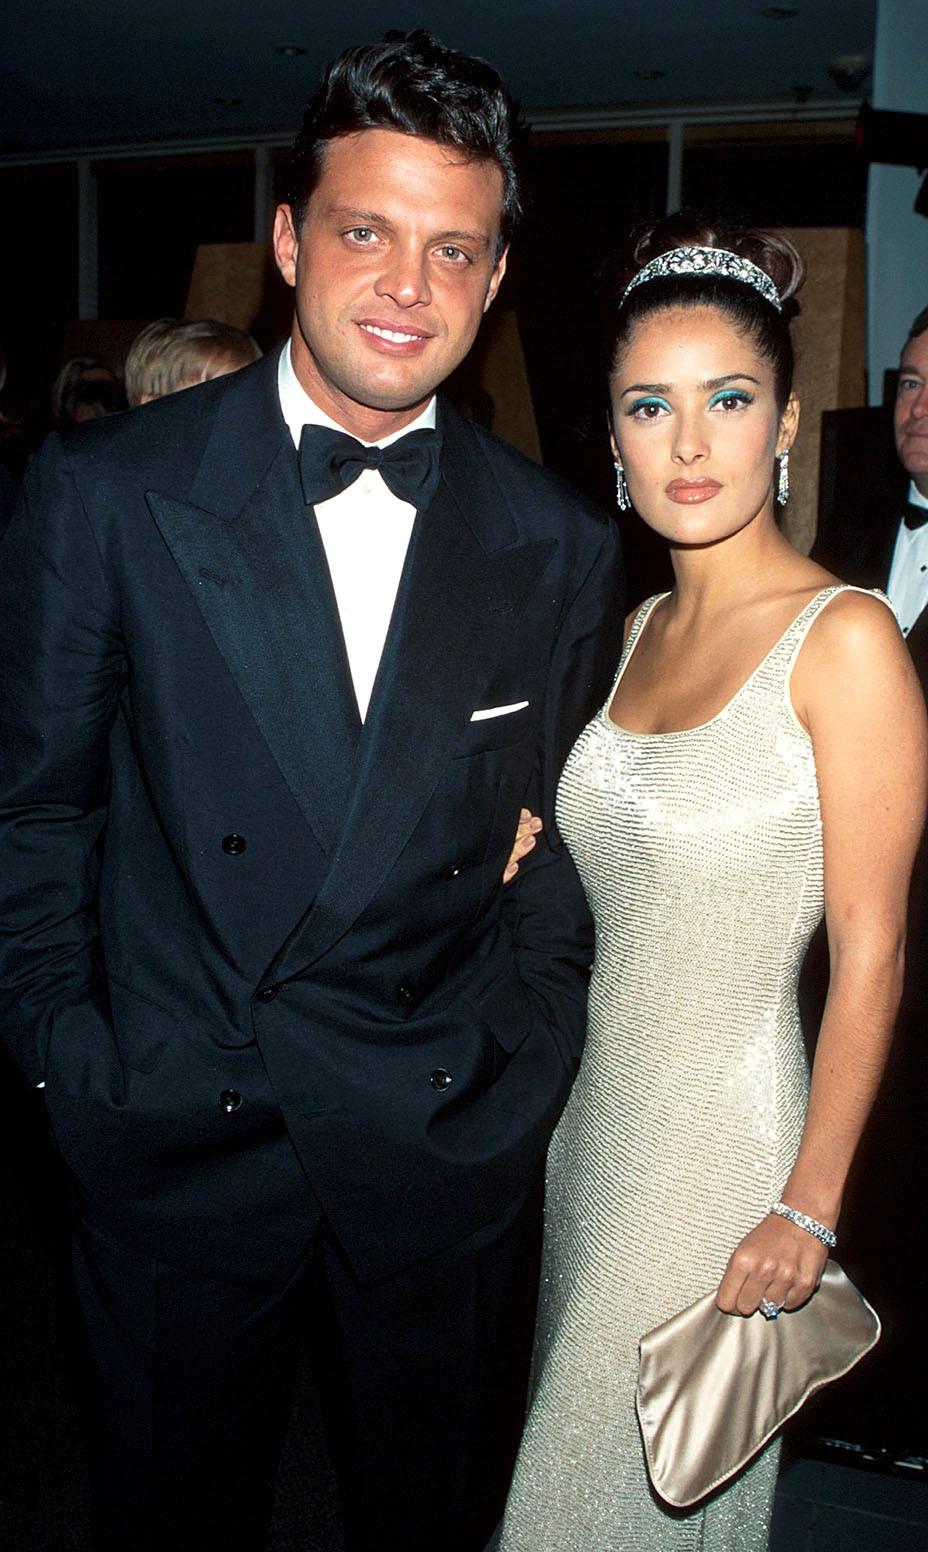 Năm 1997, Salma Hayek đội vương miện kim cương đắt giá của Cartier. Trong một buổi trò chuyện với Vogue đầu năm nay, cô cho biết: Lúc đó mọi người đều nói tôi điên rồ và lố bịch khi đội vương miện đến dự Oscar. Nhưng bạn biết chuyện gì đã xảy ra không? Mọi người bắt đầu đội vương miện kể từ sau đó. Ảnh: WireImage.